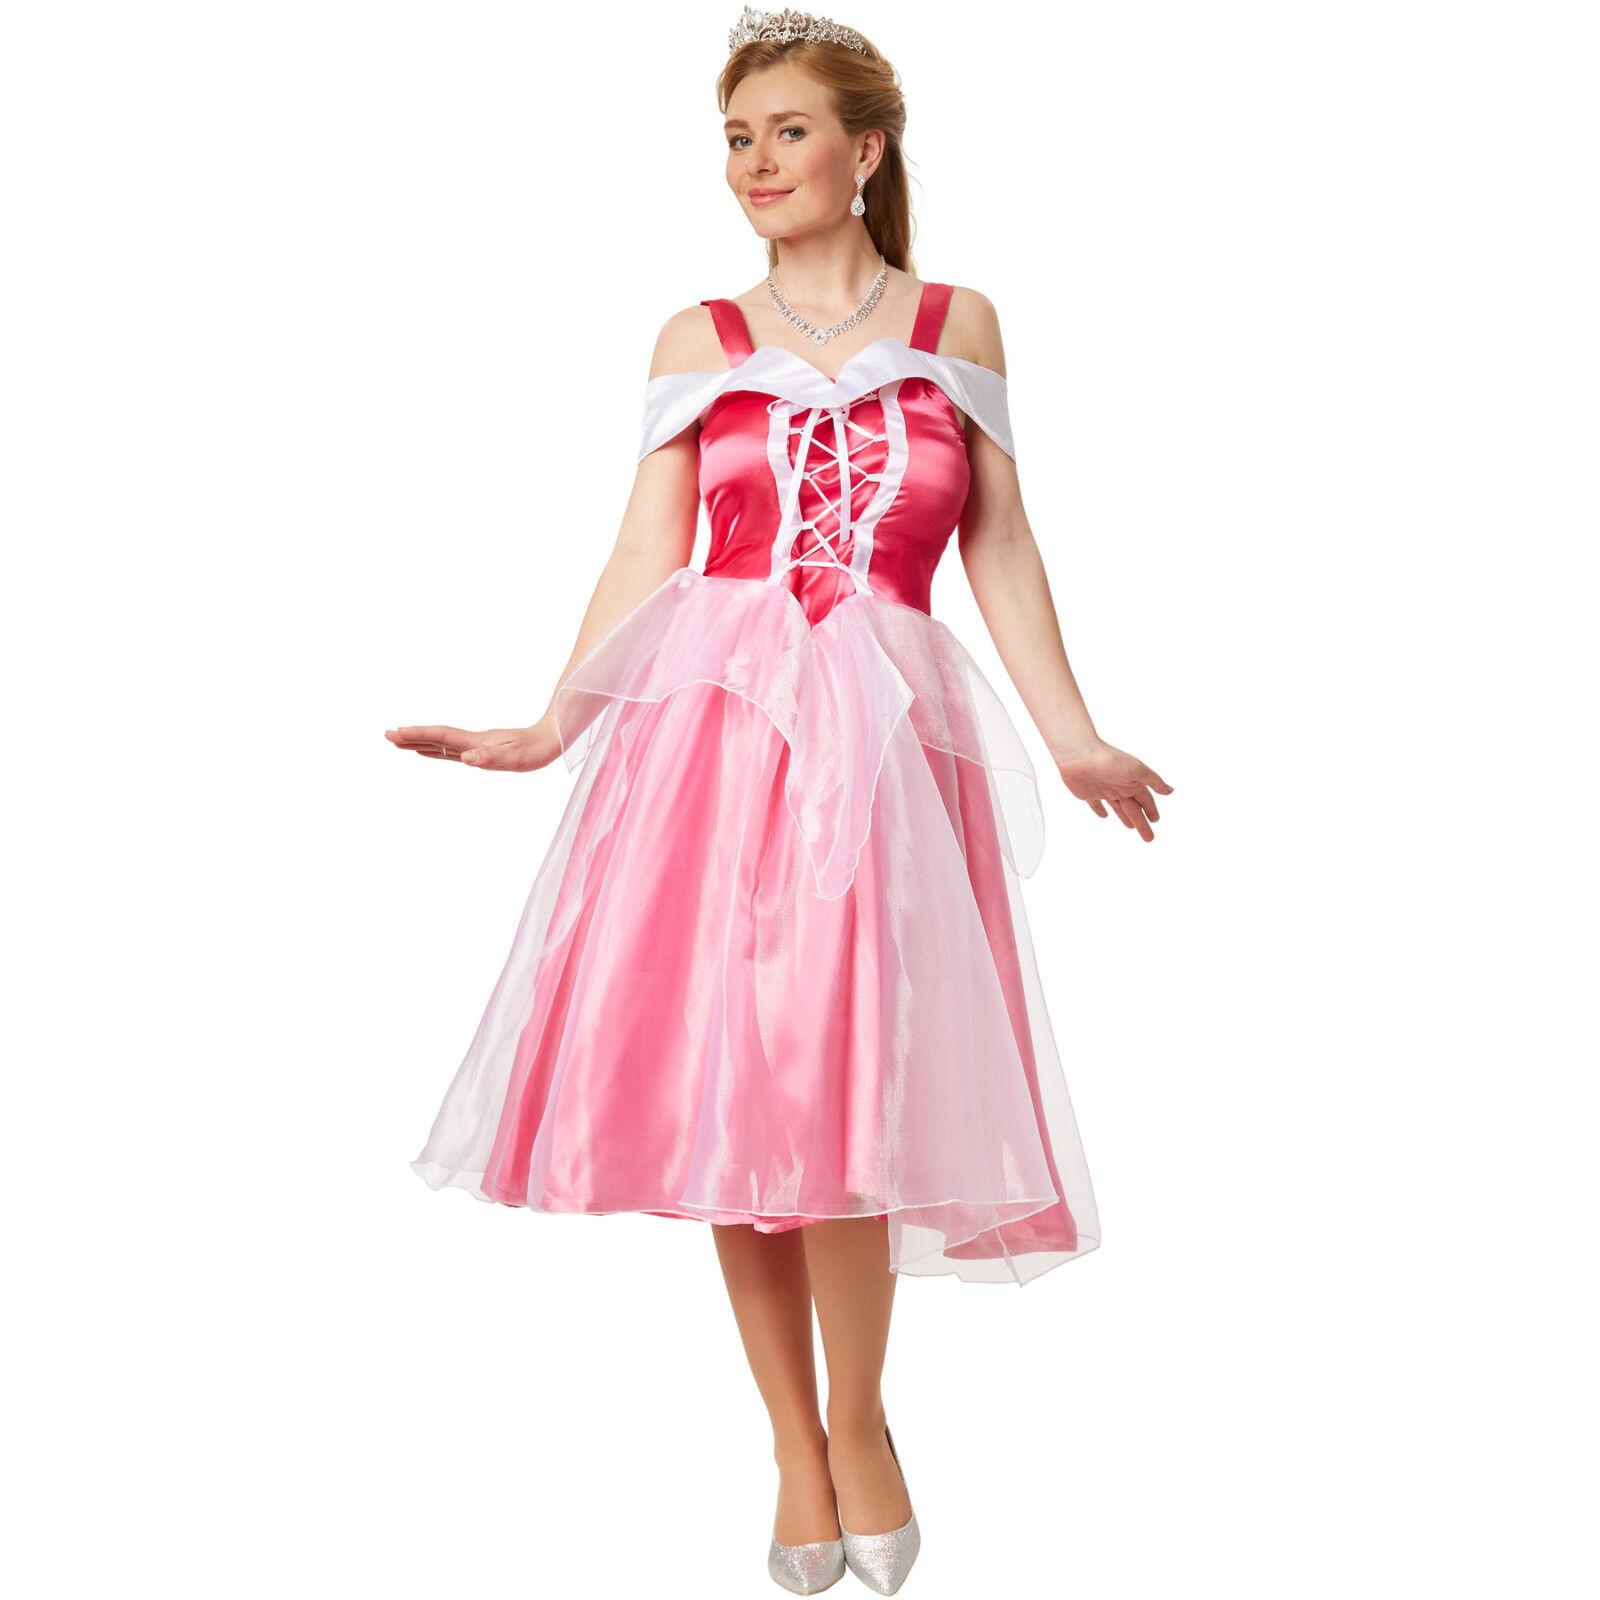 Damen Kostüm Prinzessin Aurora elegantes Kleid Film Königin Dornröschen Karneval